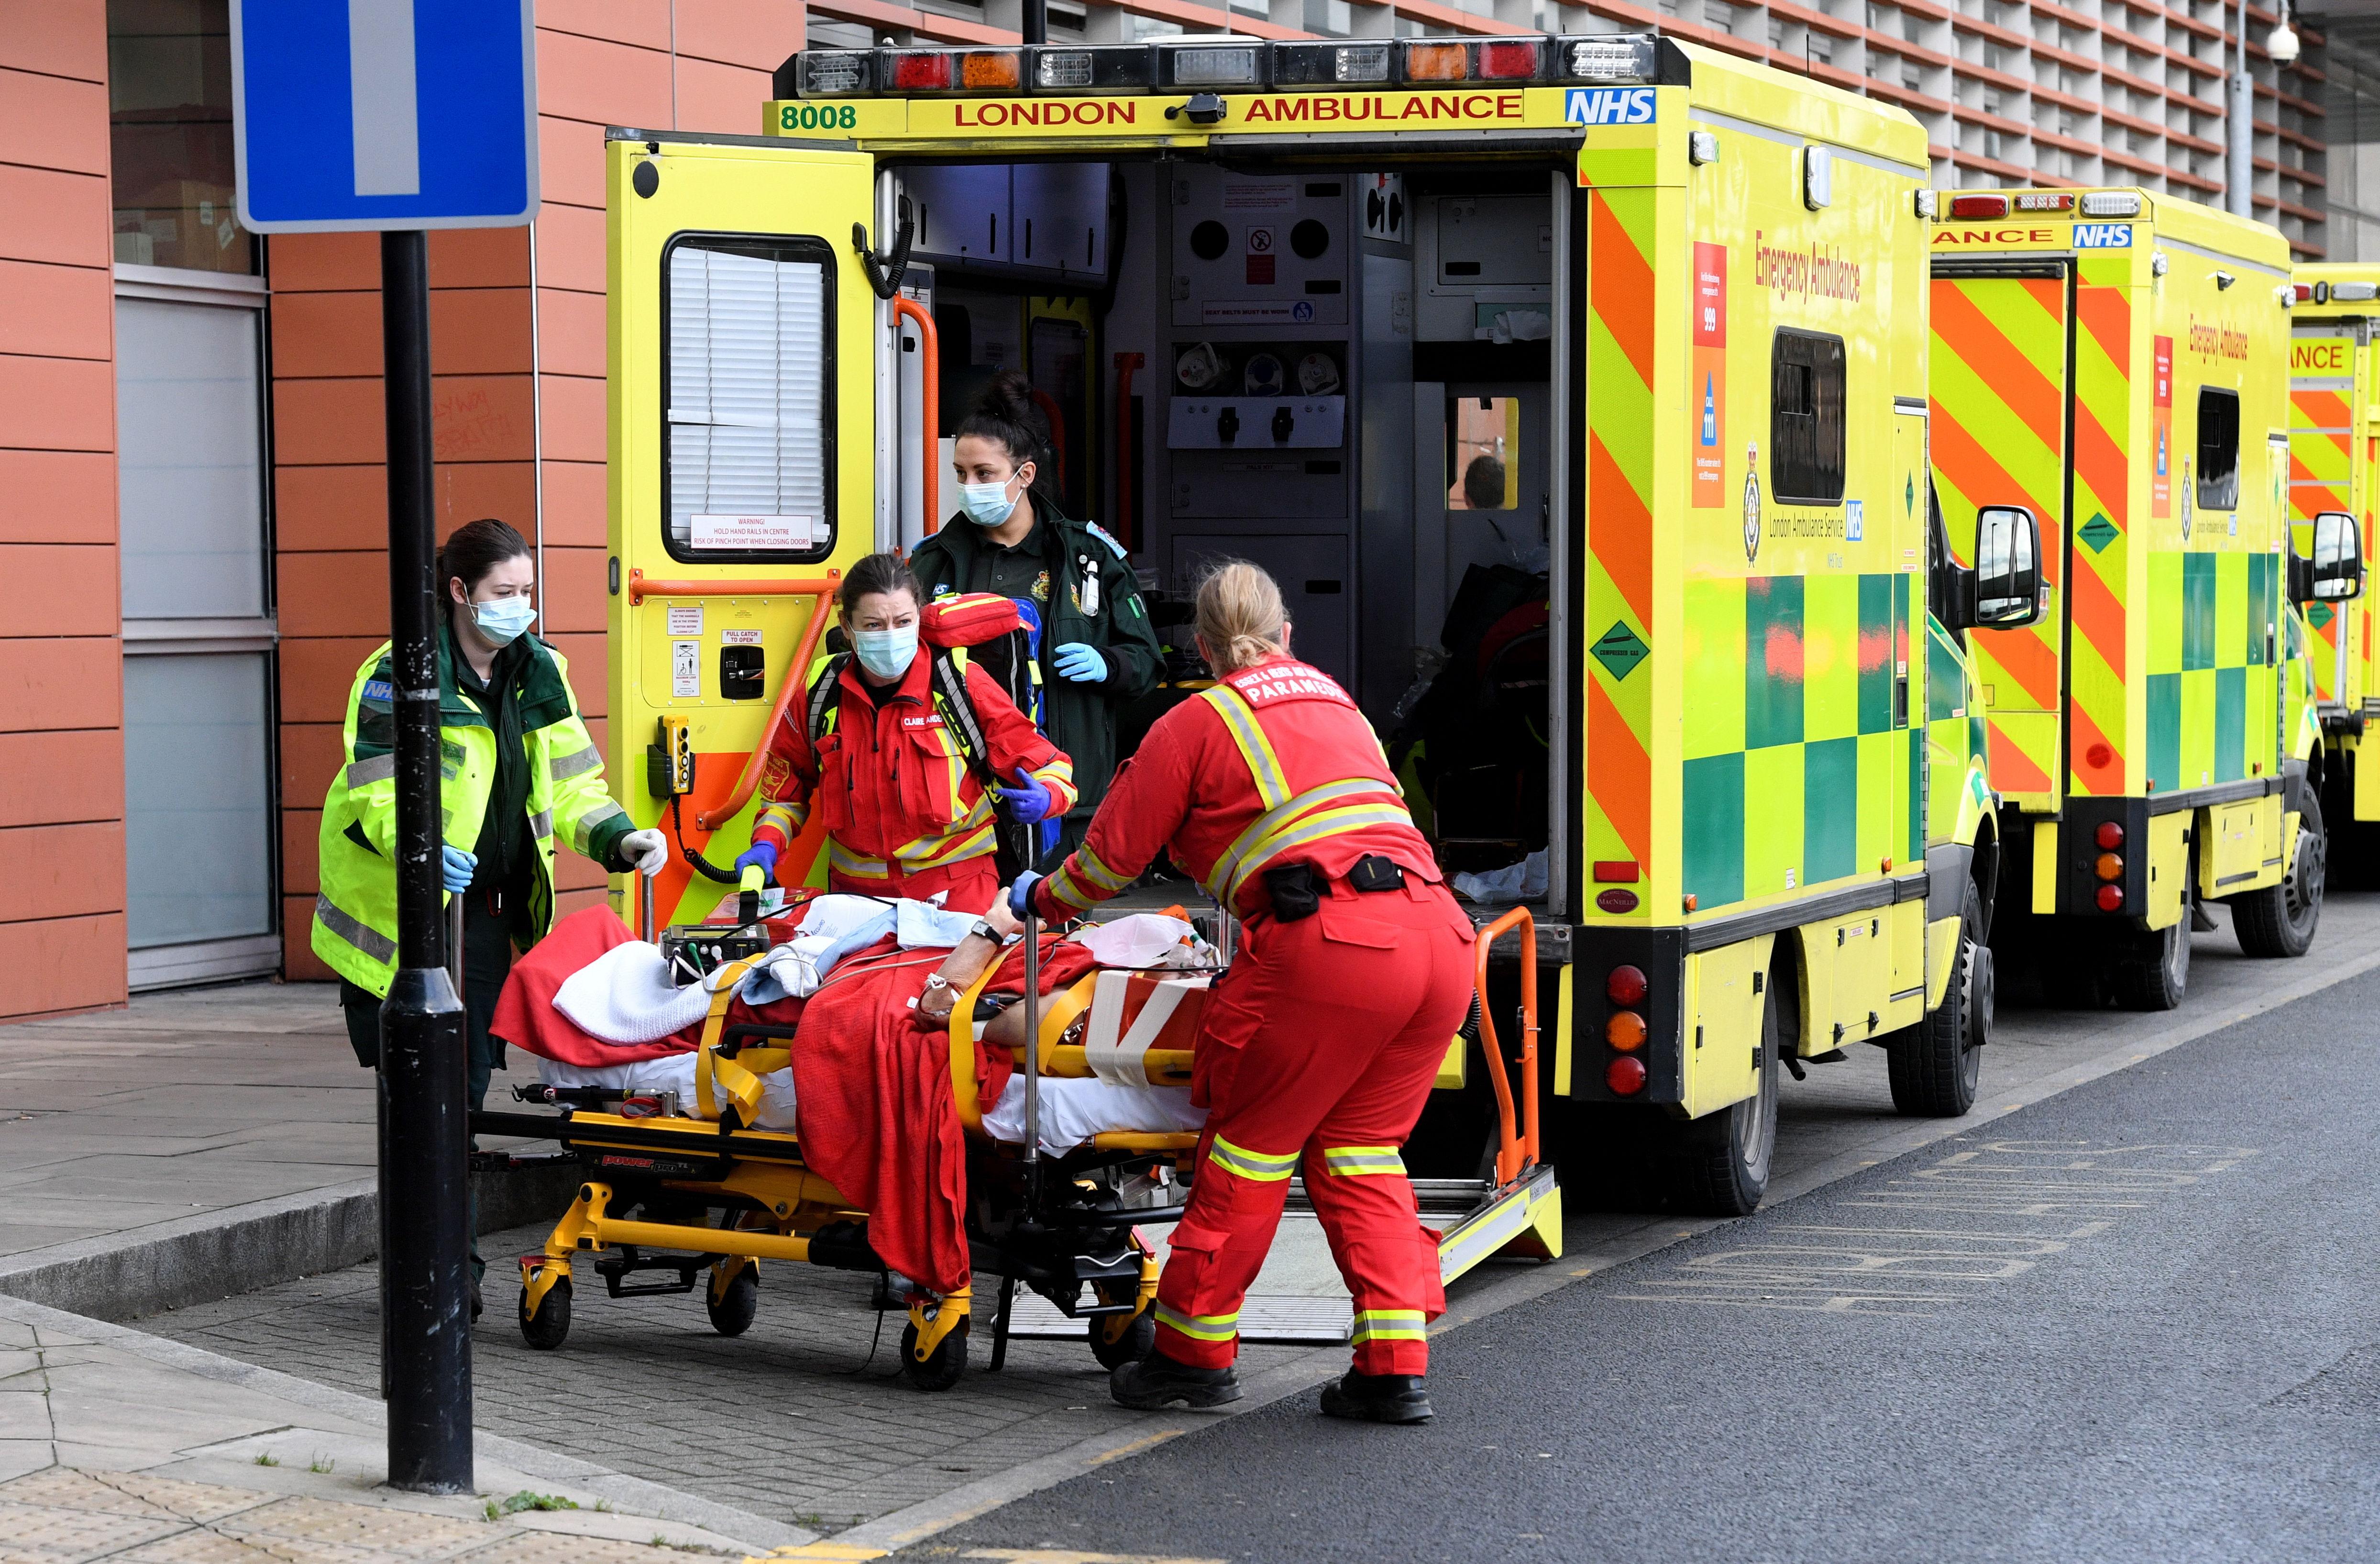 متخصصان بهداشت به یک بیمار در لندن کمک می کنند.